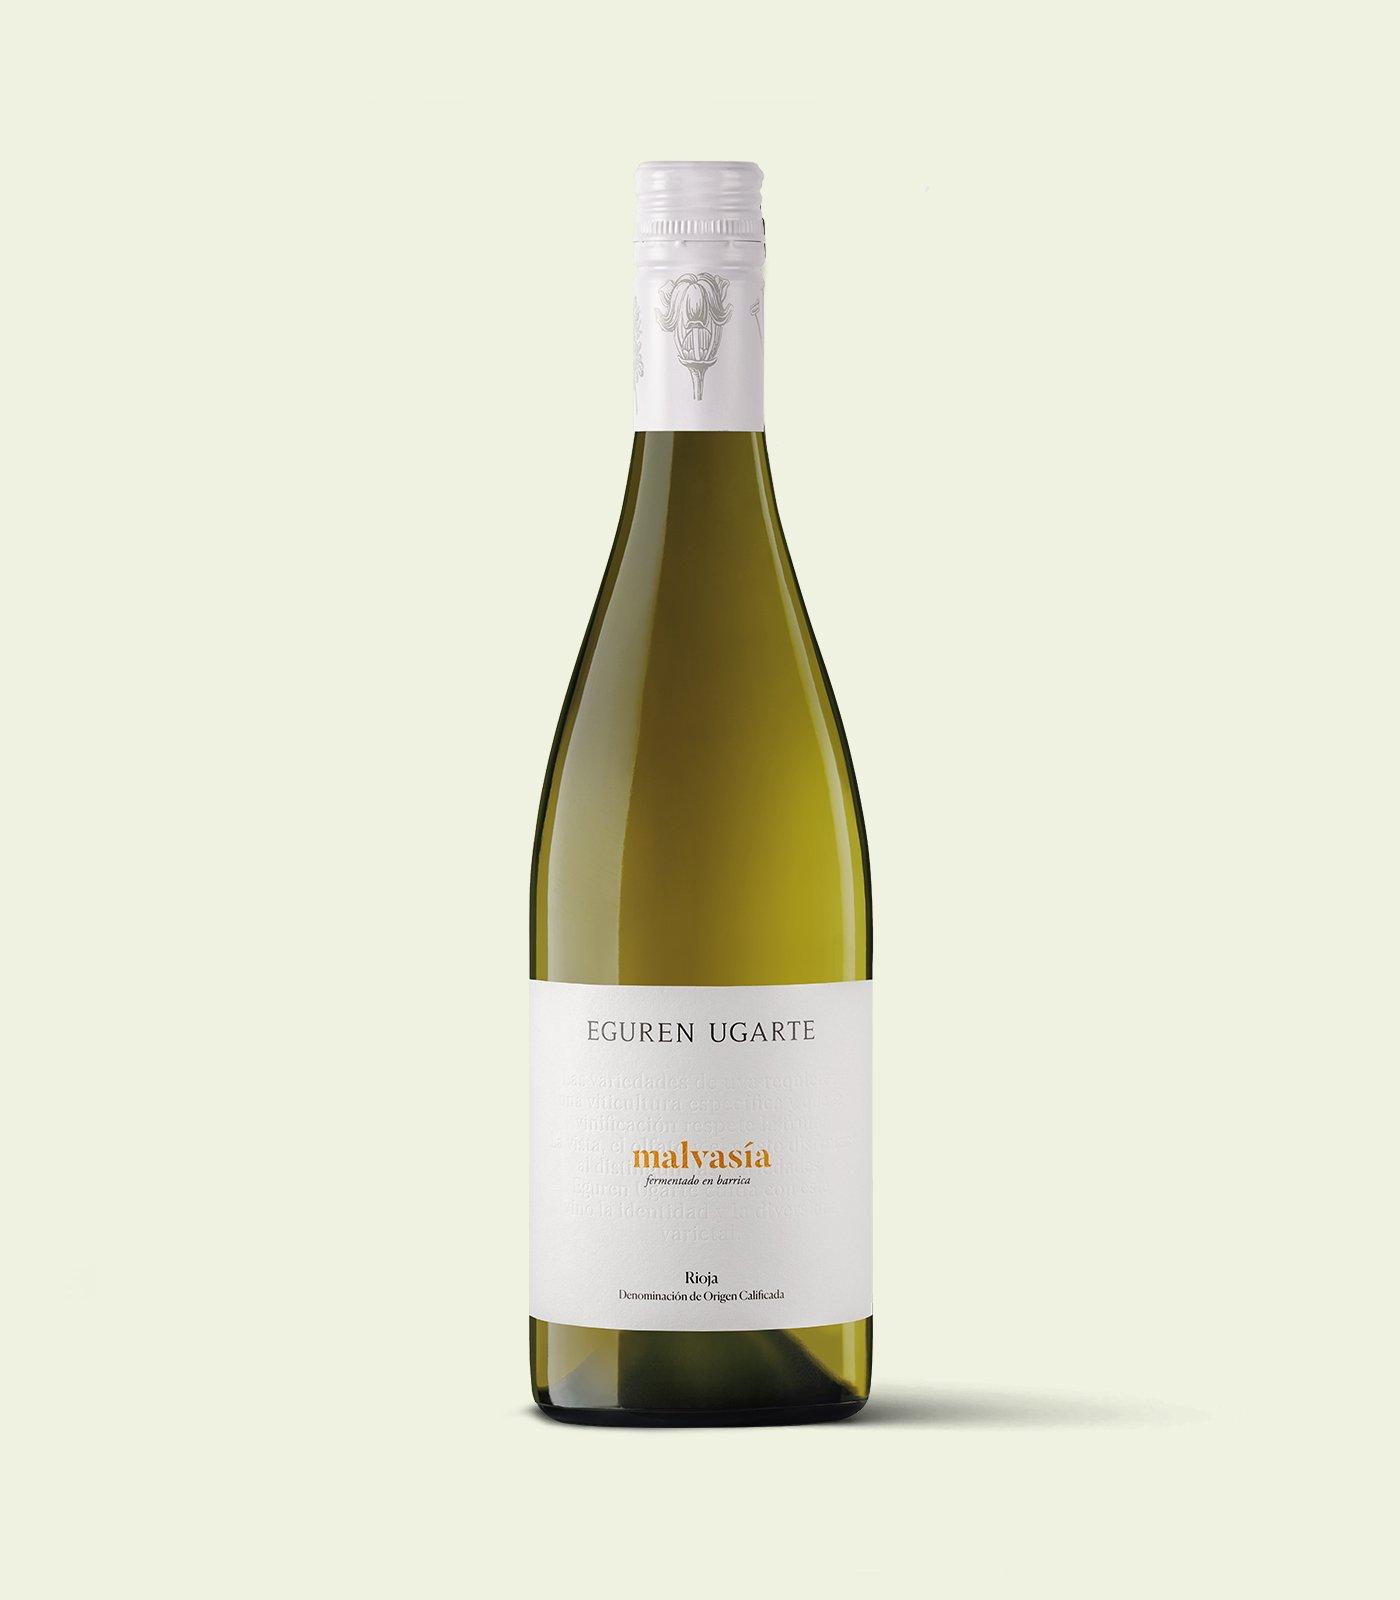 Blanco malvasía Rioja comprar online